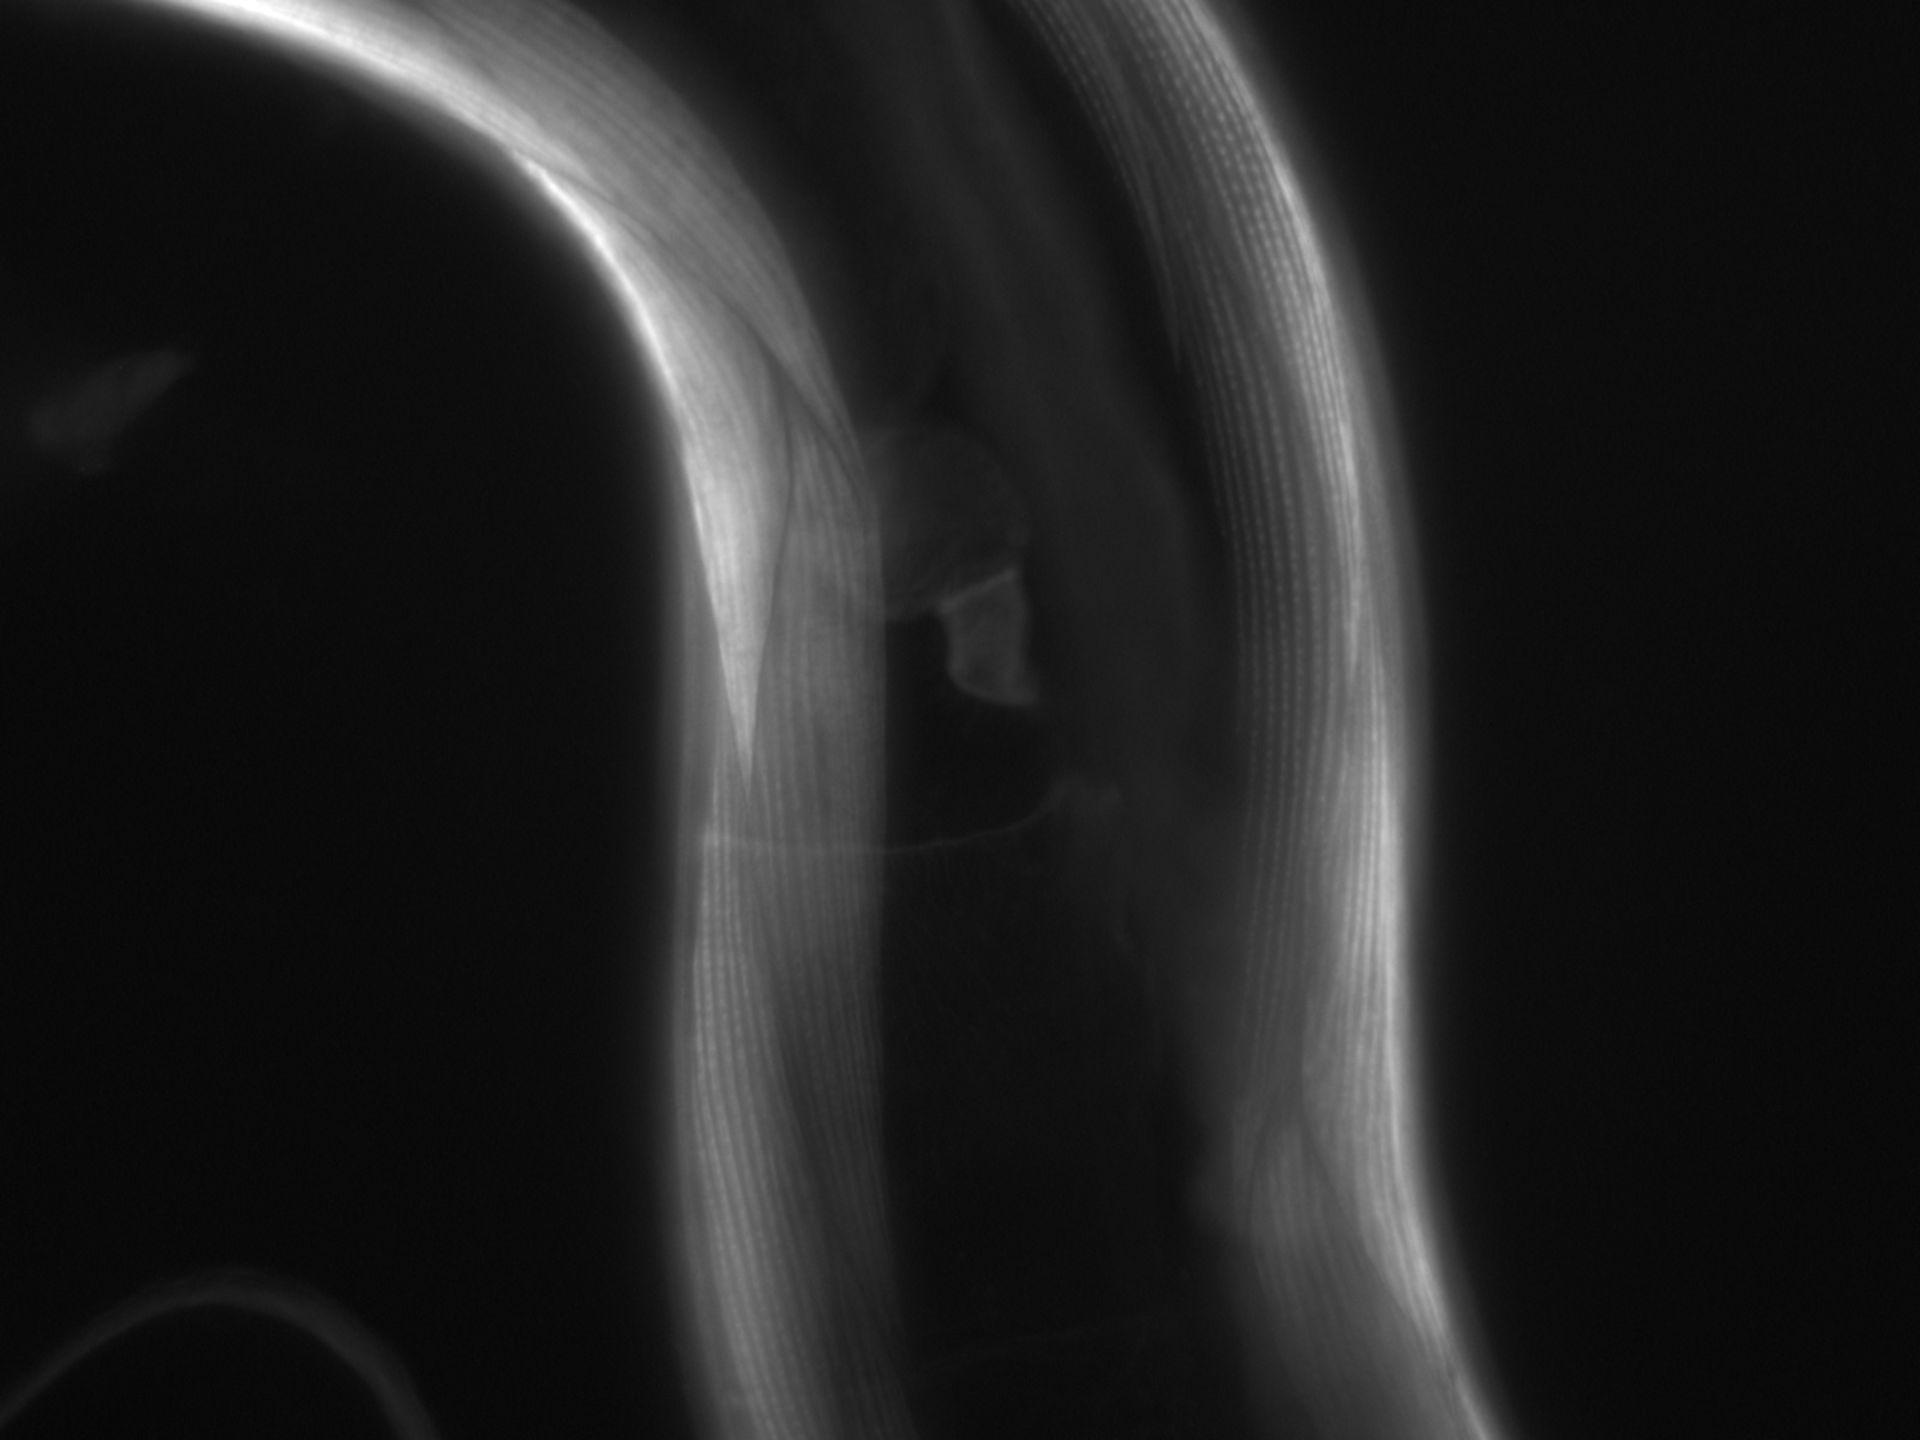 Caenorhabditis elegans (Actin filament) - CIL:1058